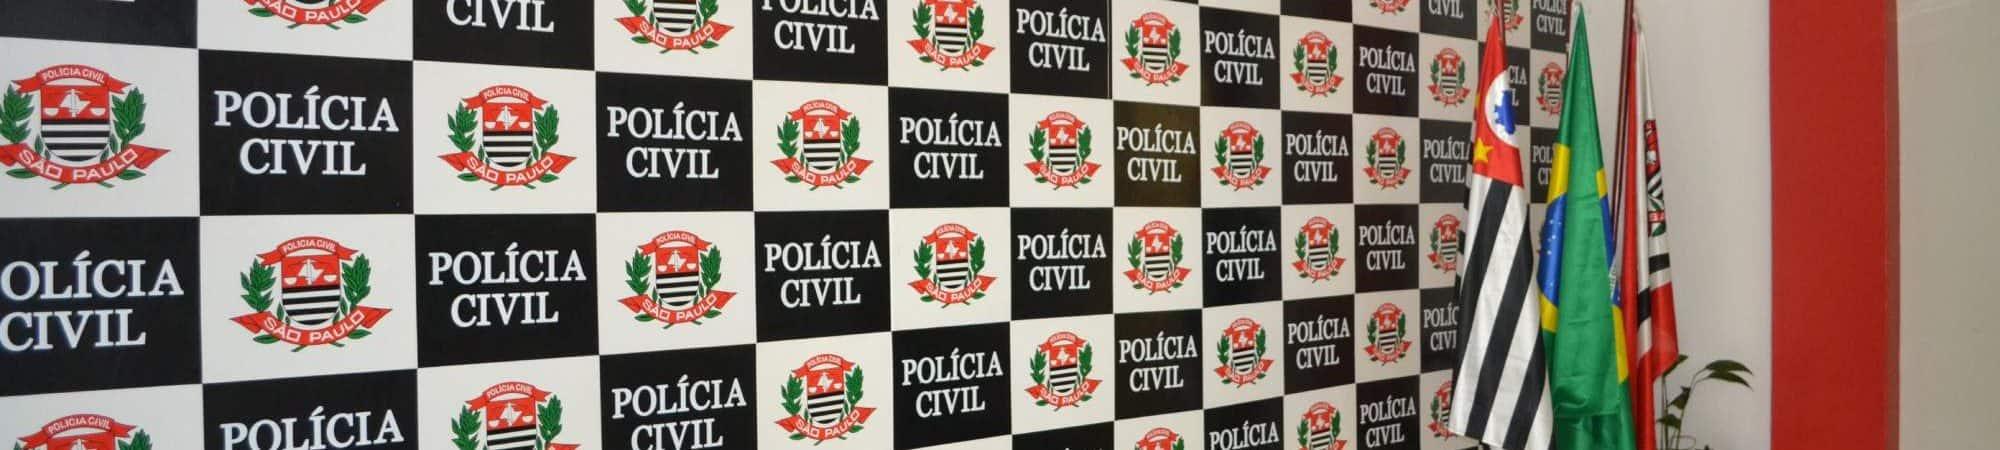 parede ornada com o símbolo da Polícia Civil de São Paulo